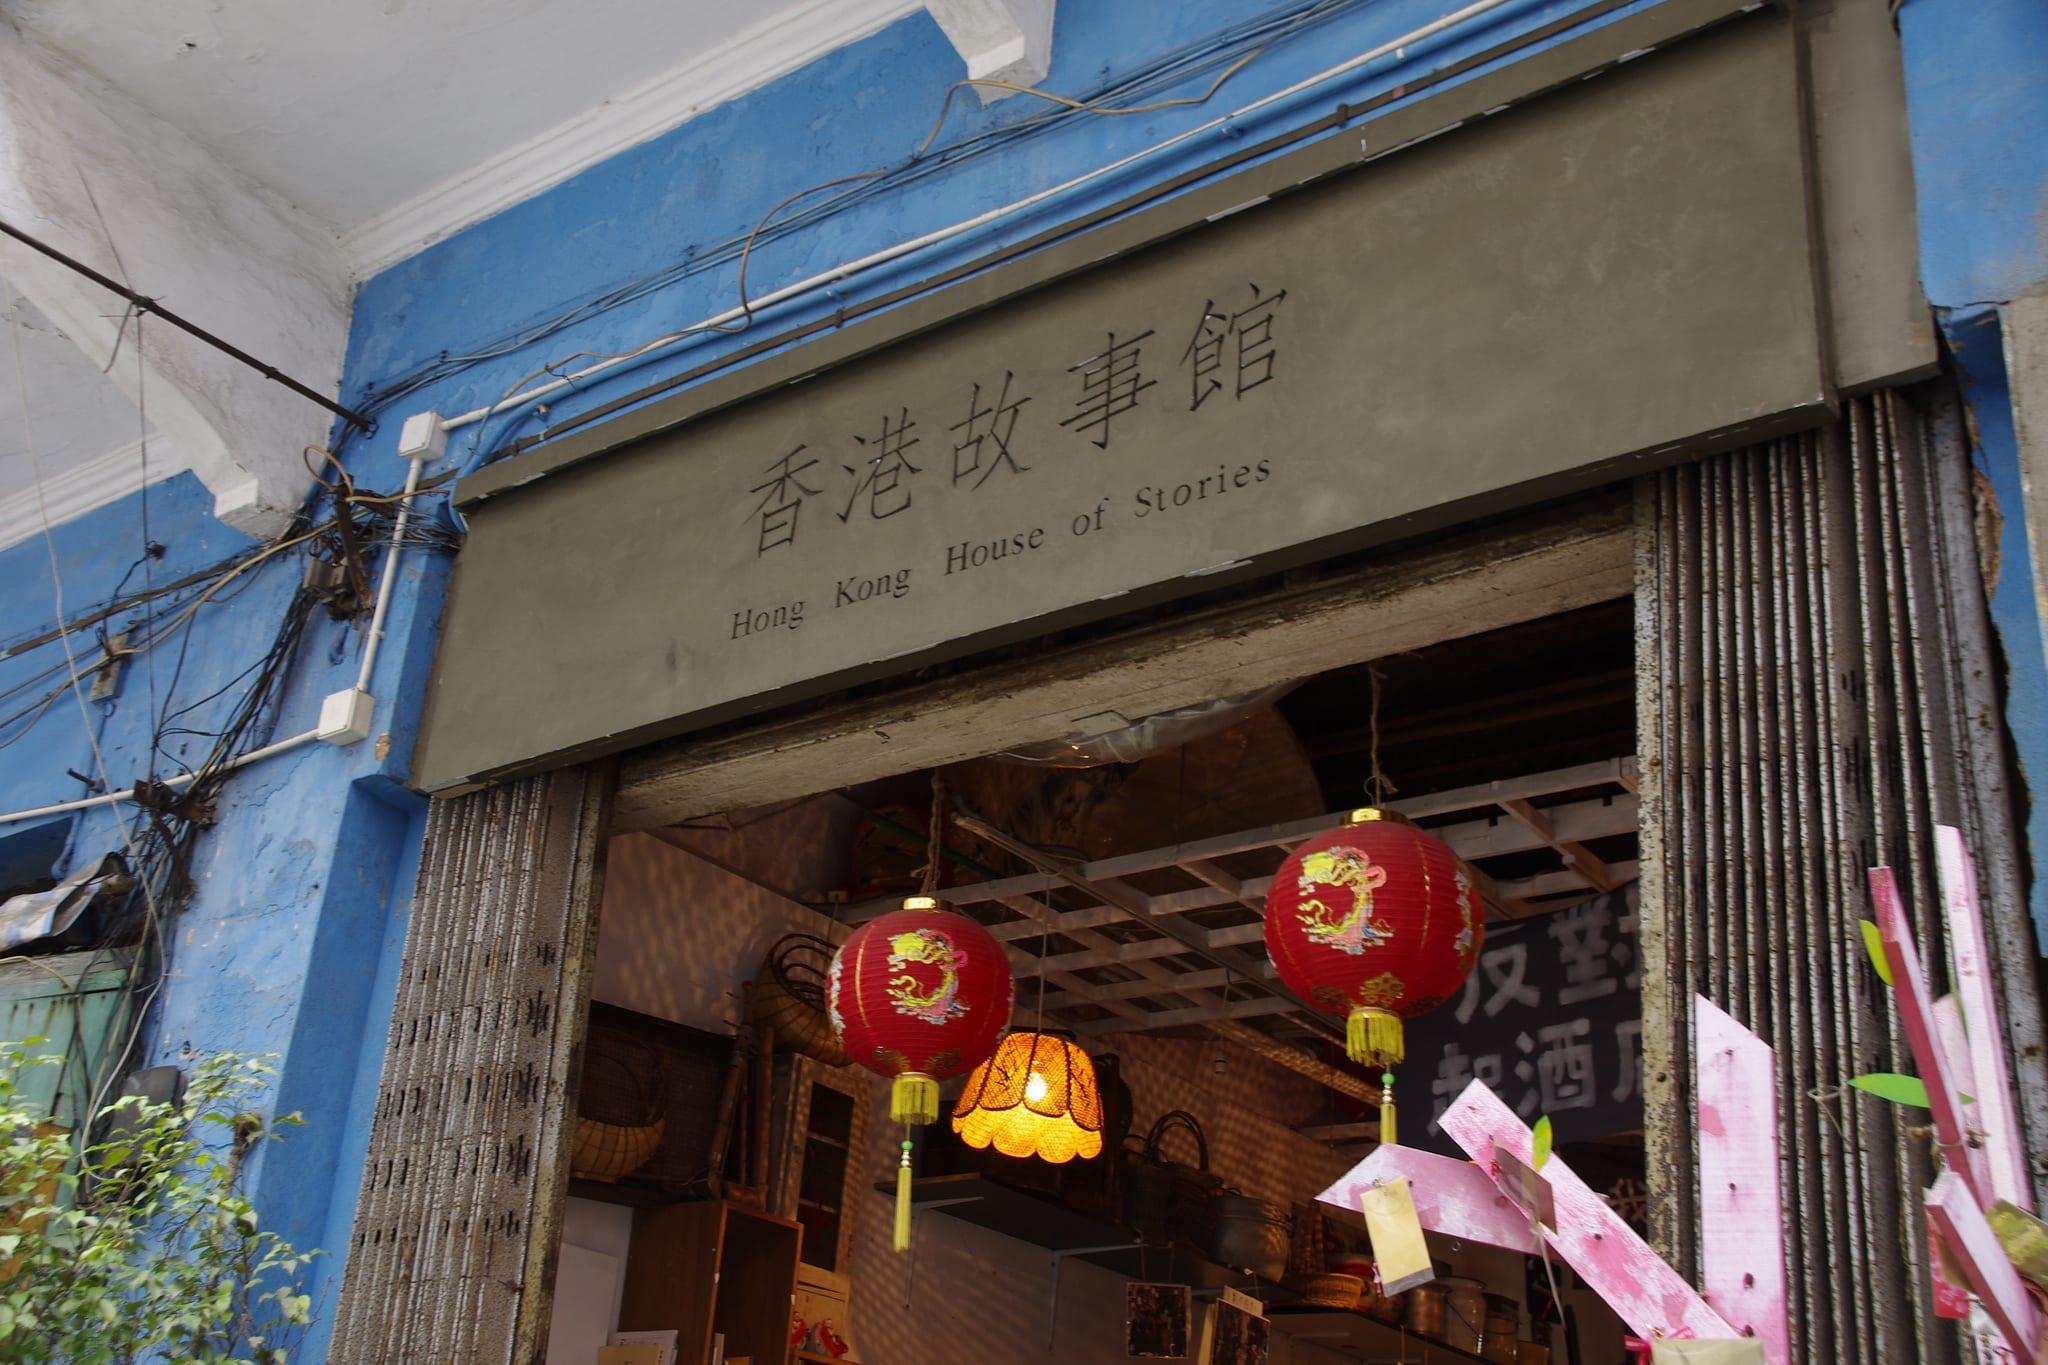 香港故事館入口就像要踏入時光隧道般懷舊復古。﹝圖片取自flickr@imustak@JP﹞